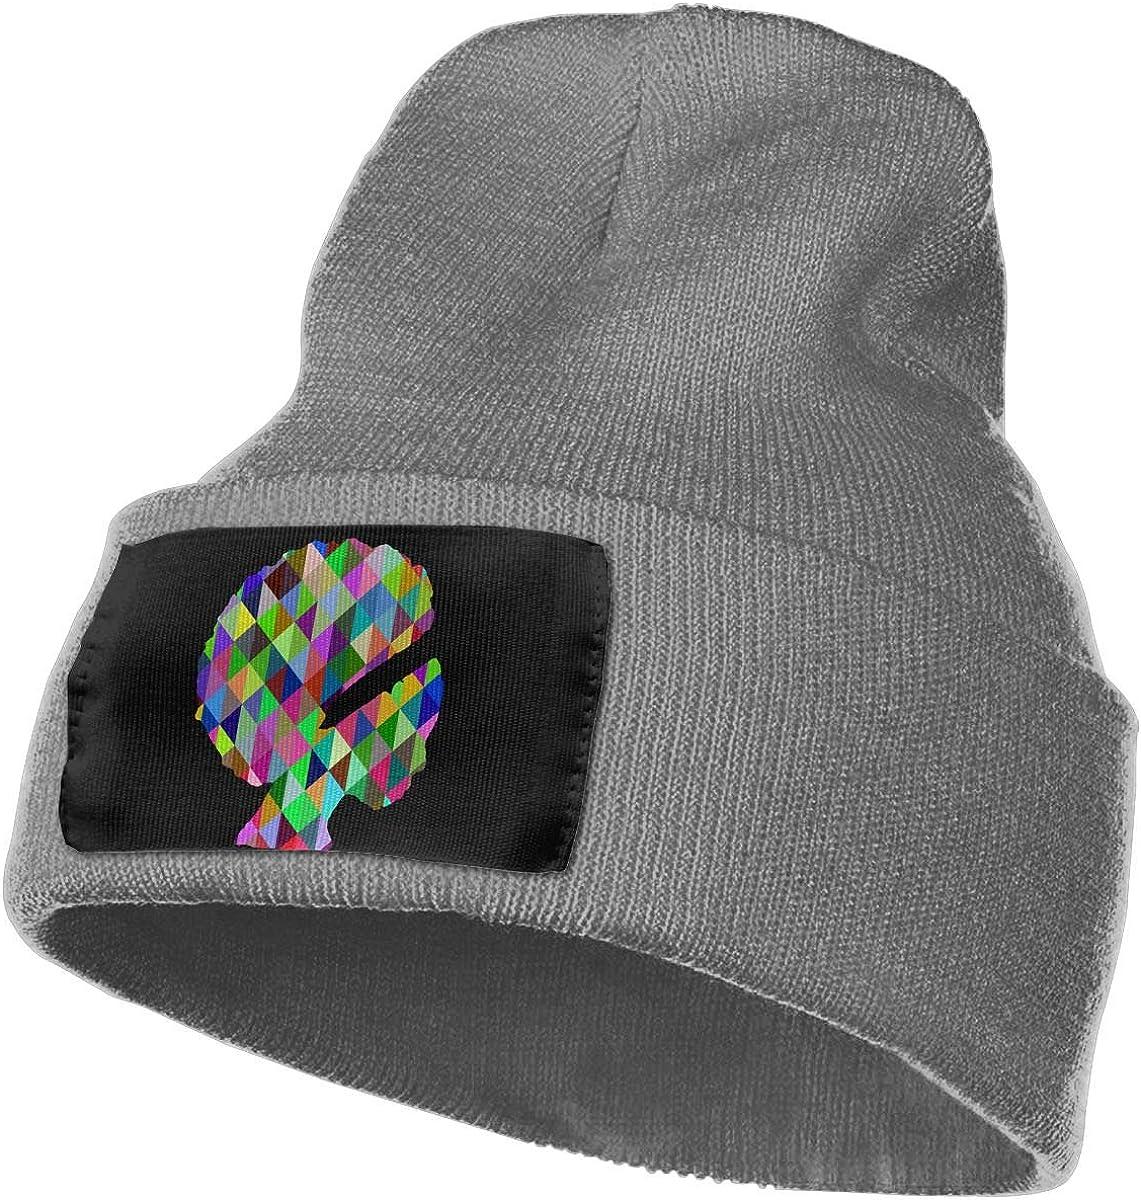 SLADDD1 Prismatic Color Warm Winter Hat Knit Beanie Skull Cap Cuff Beanie Hat Winter Hats for Men /& Women